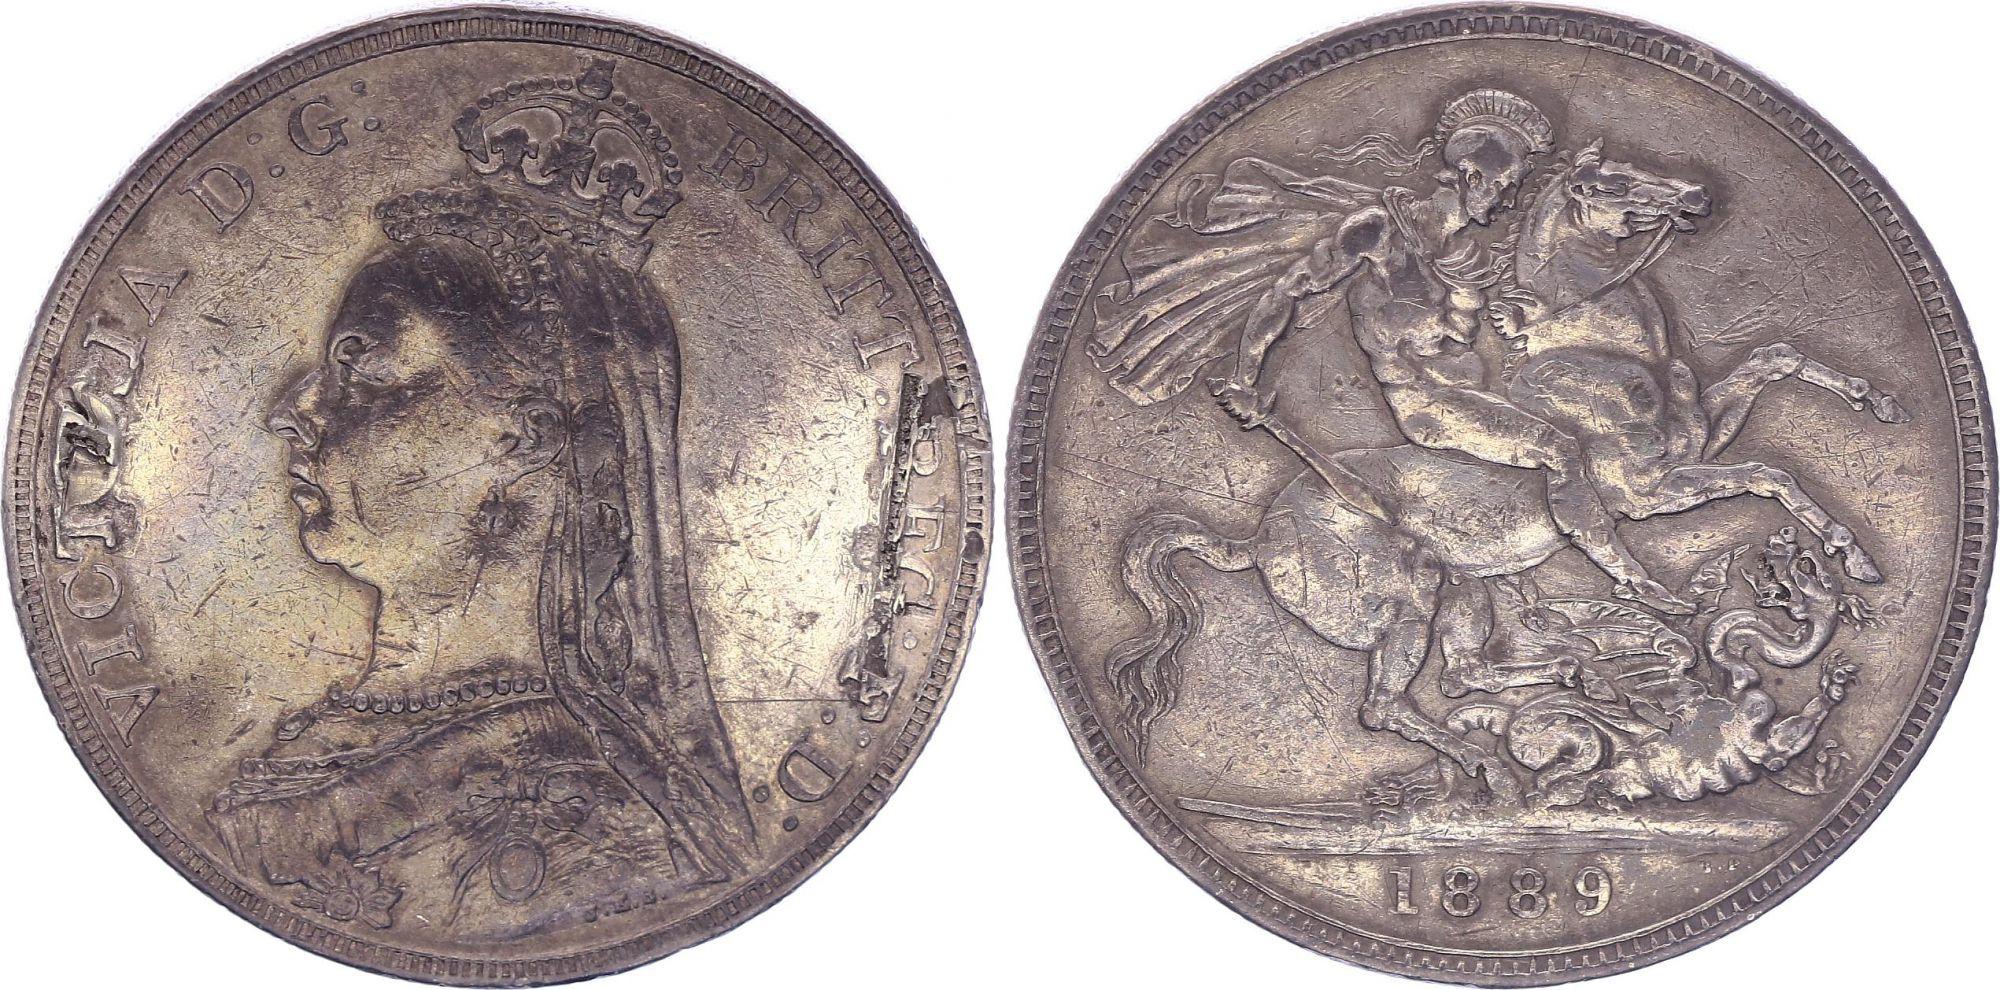 Royaume-Uni 1 Crown Victoria - St George et Dragon - 1889